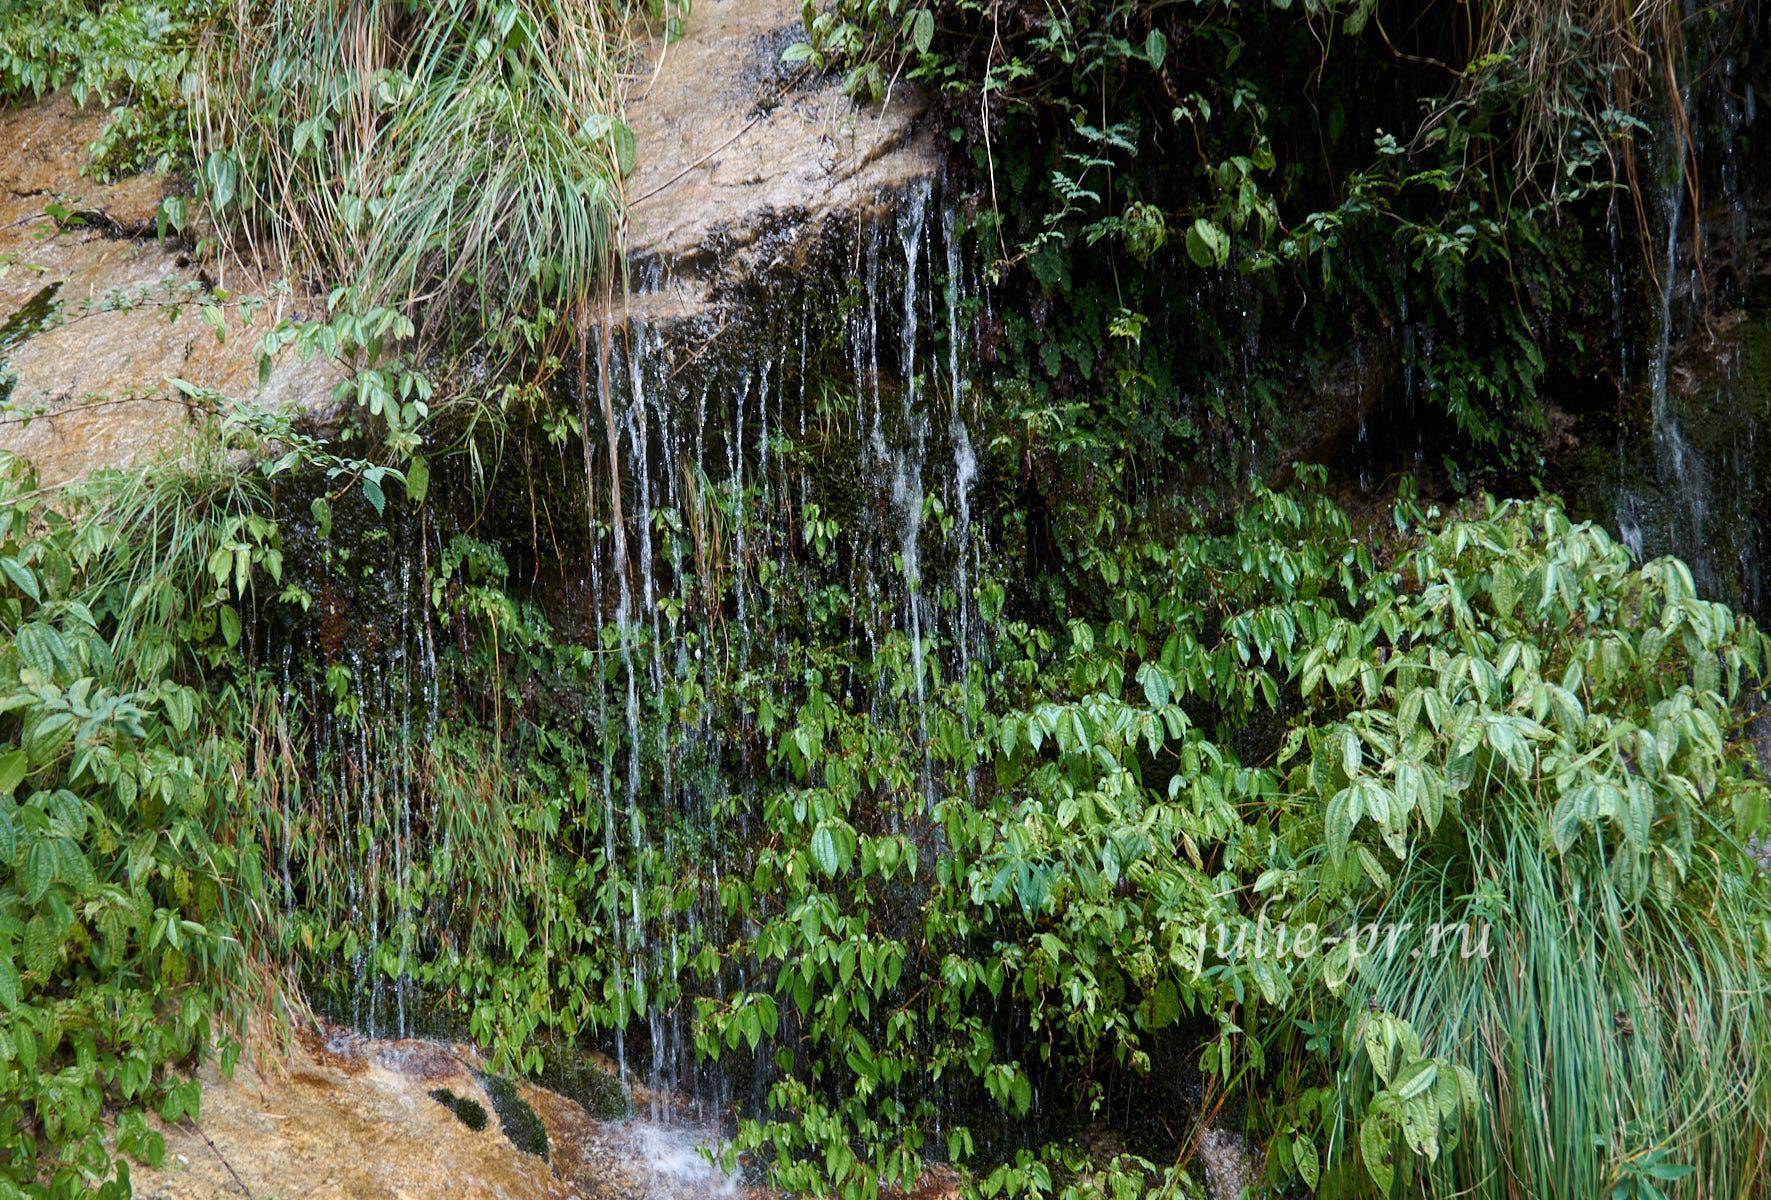 Непал, Трек вокруг Аннапурны, вода и растительность